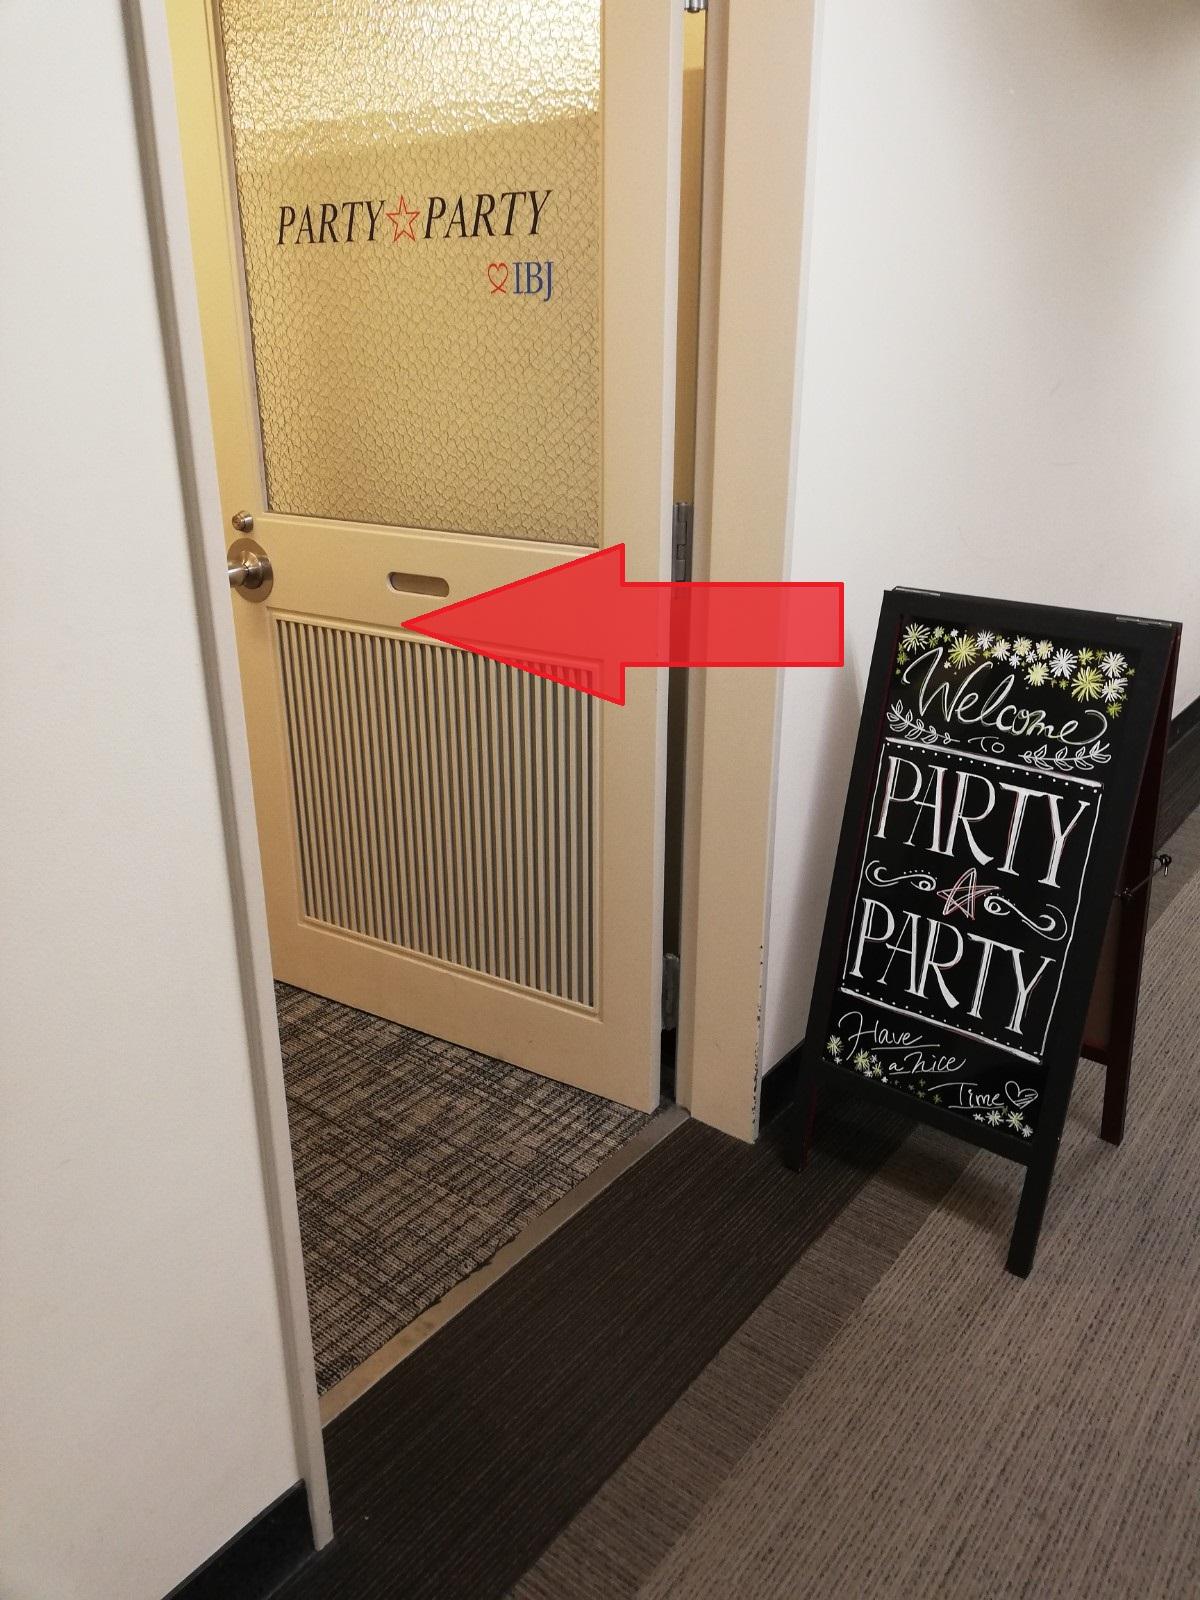 入り口に看板がありますので、そちらから入ってください。 ※2会場こざいます。 案内板に時間と会場の記載がございますので、当日会場にて入り口をご確認ください。